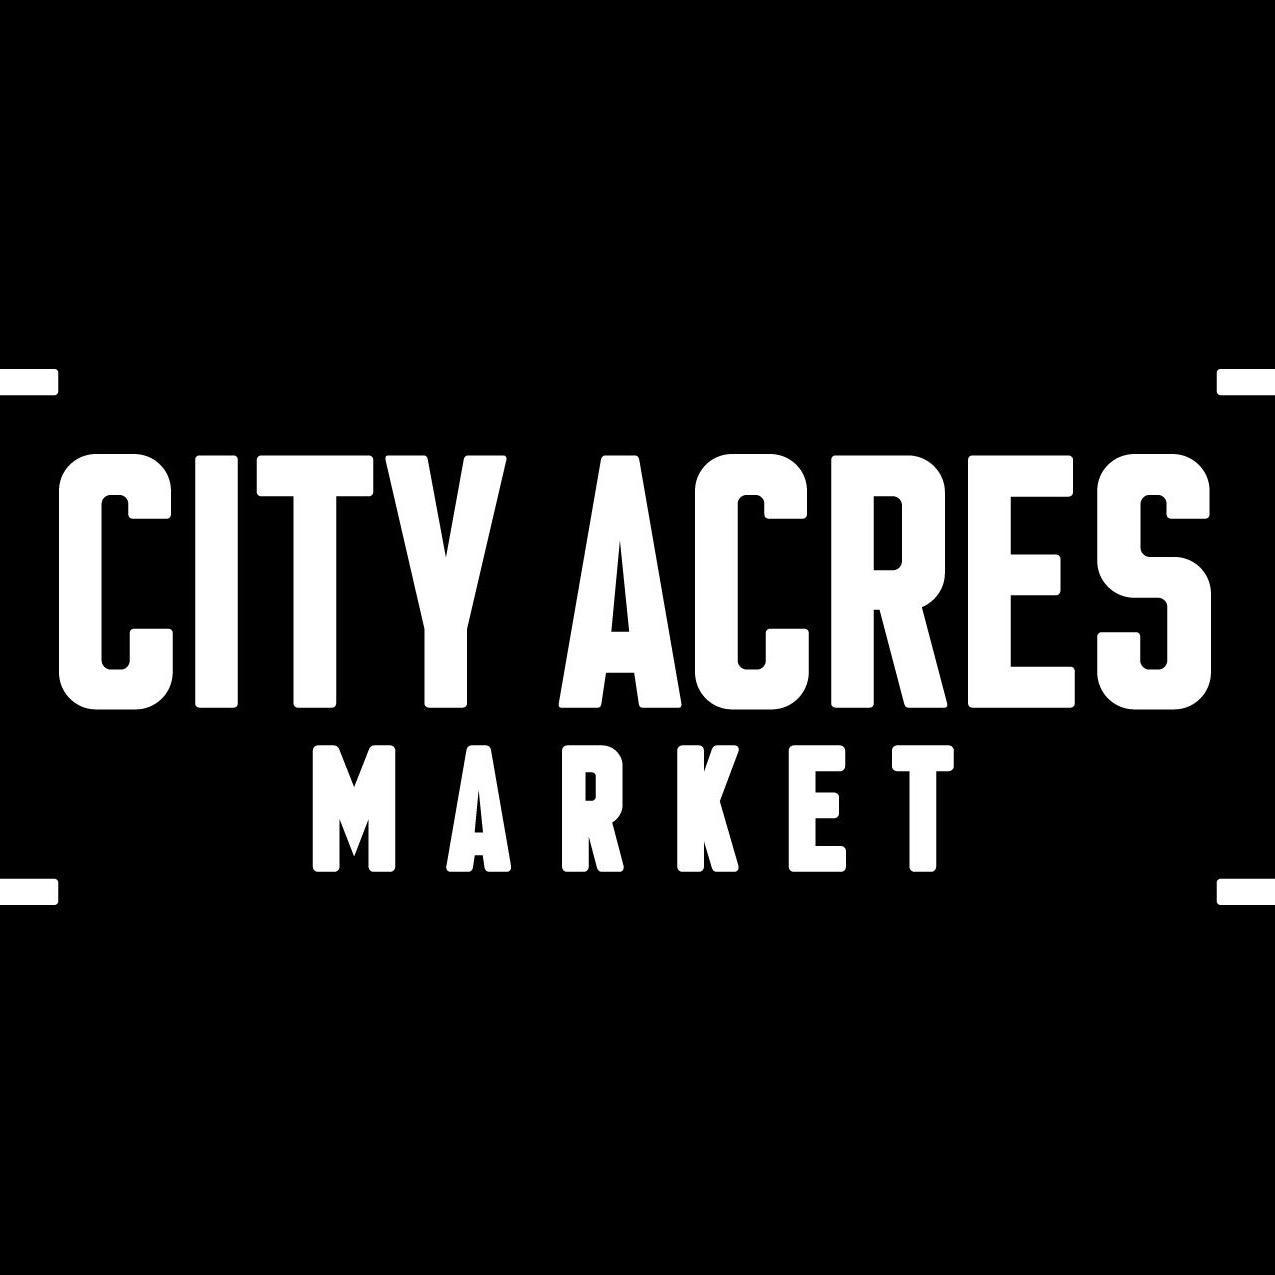 City Acres Market